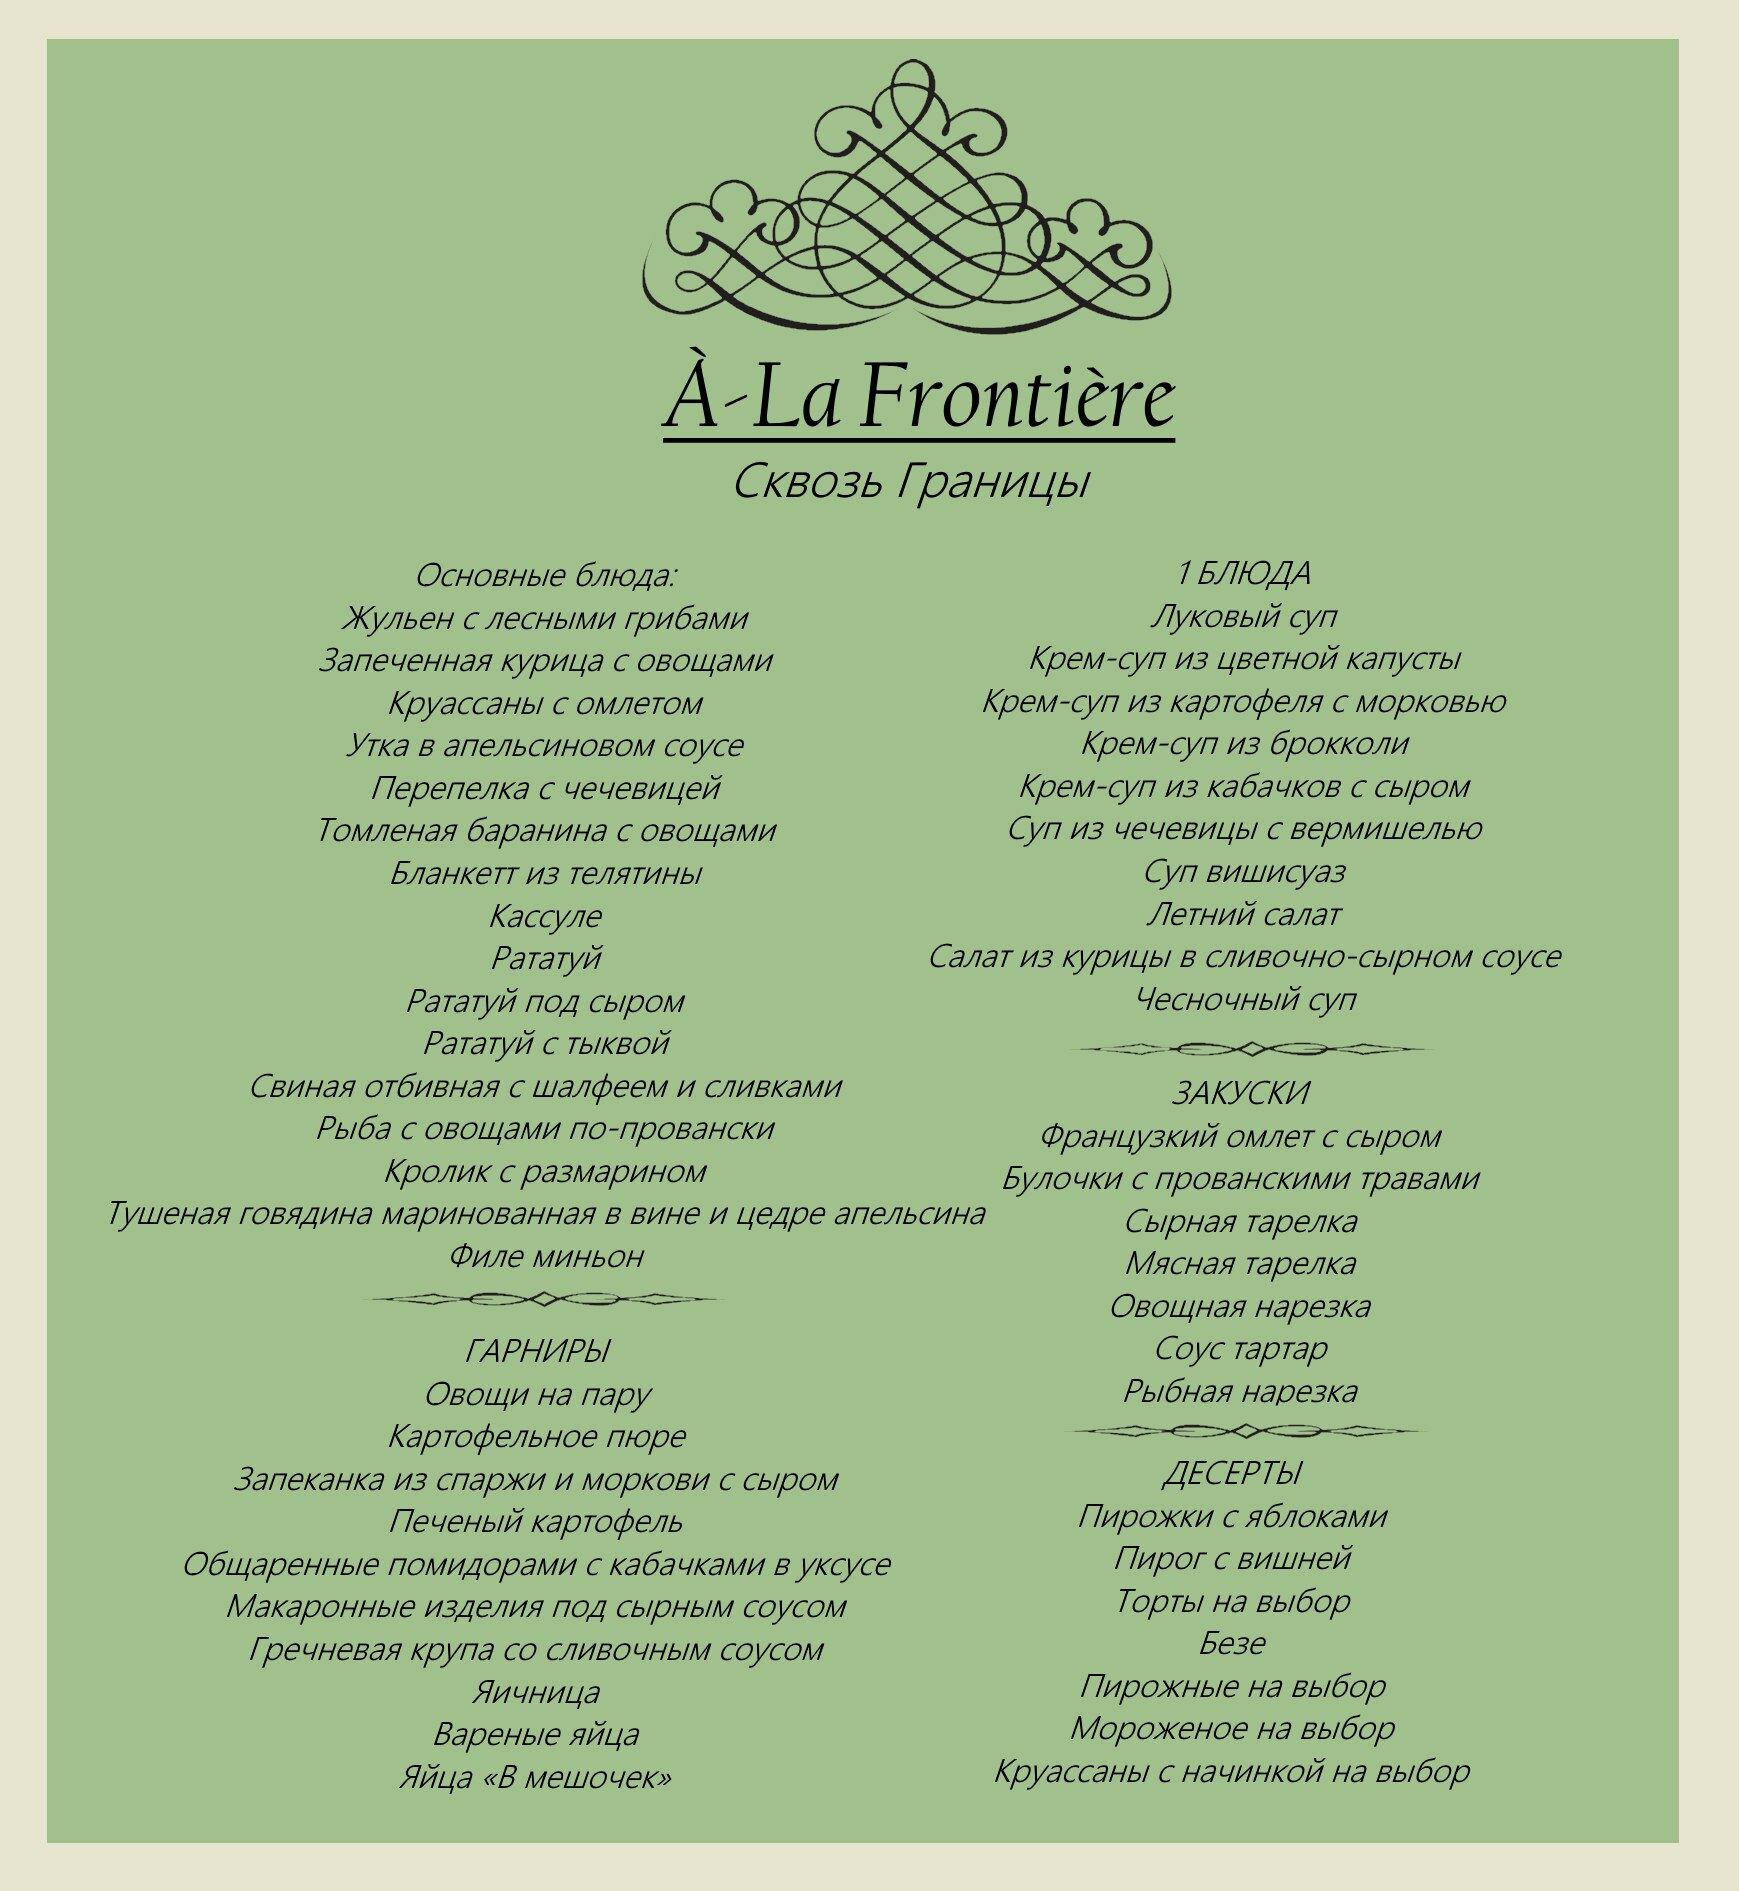 """Ресторан """"Grace a la frotiere"""""""